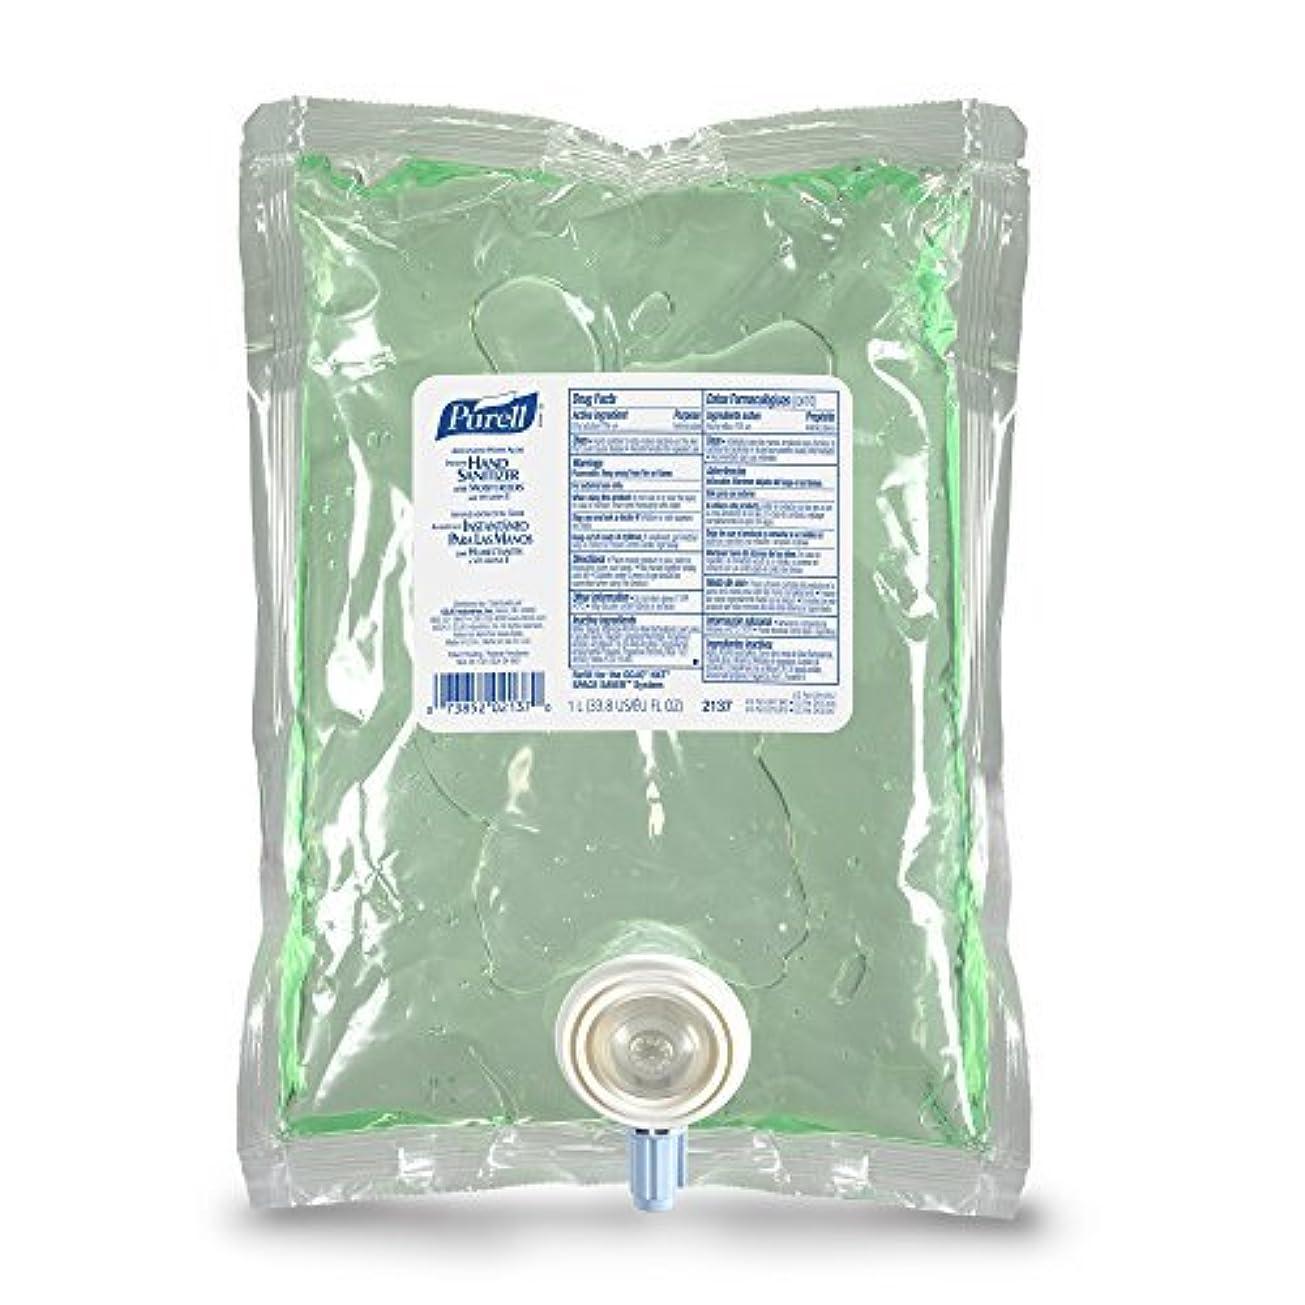 等価ブローオーブンPURELL 213708CT Advanced NXT Instant Hand Sanitizer NXT Refill w/Aloe 1000mL Refill (Case of 8) [並行輸入品]